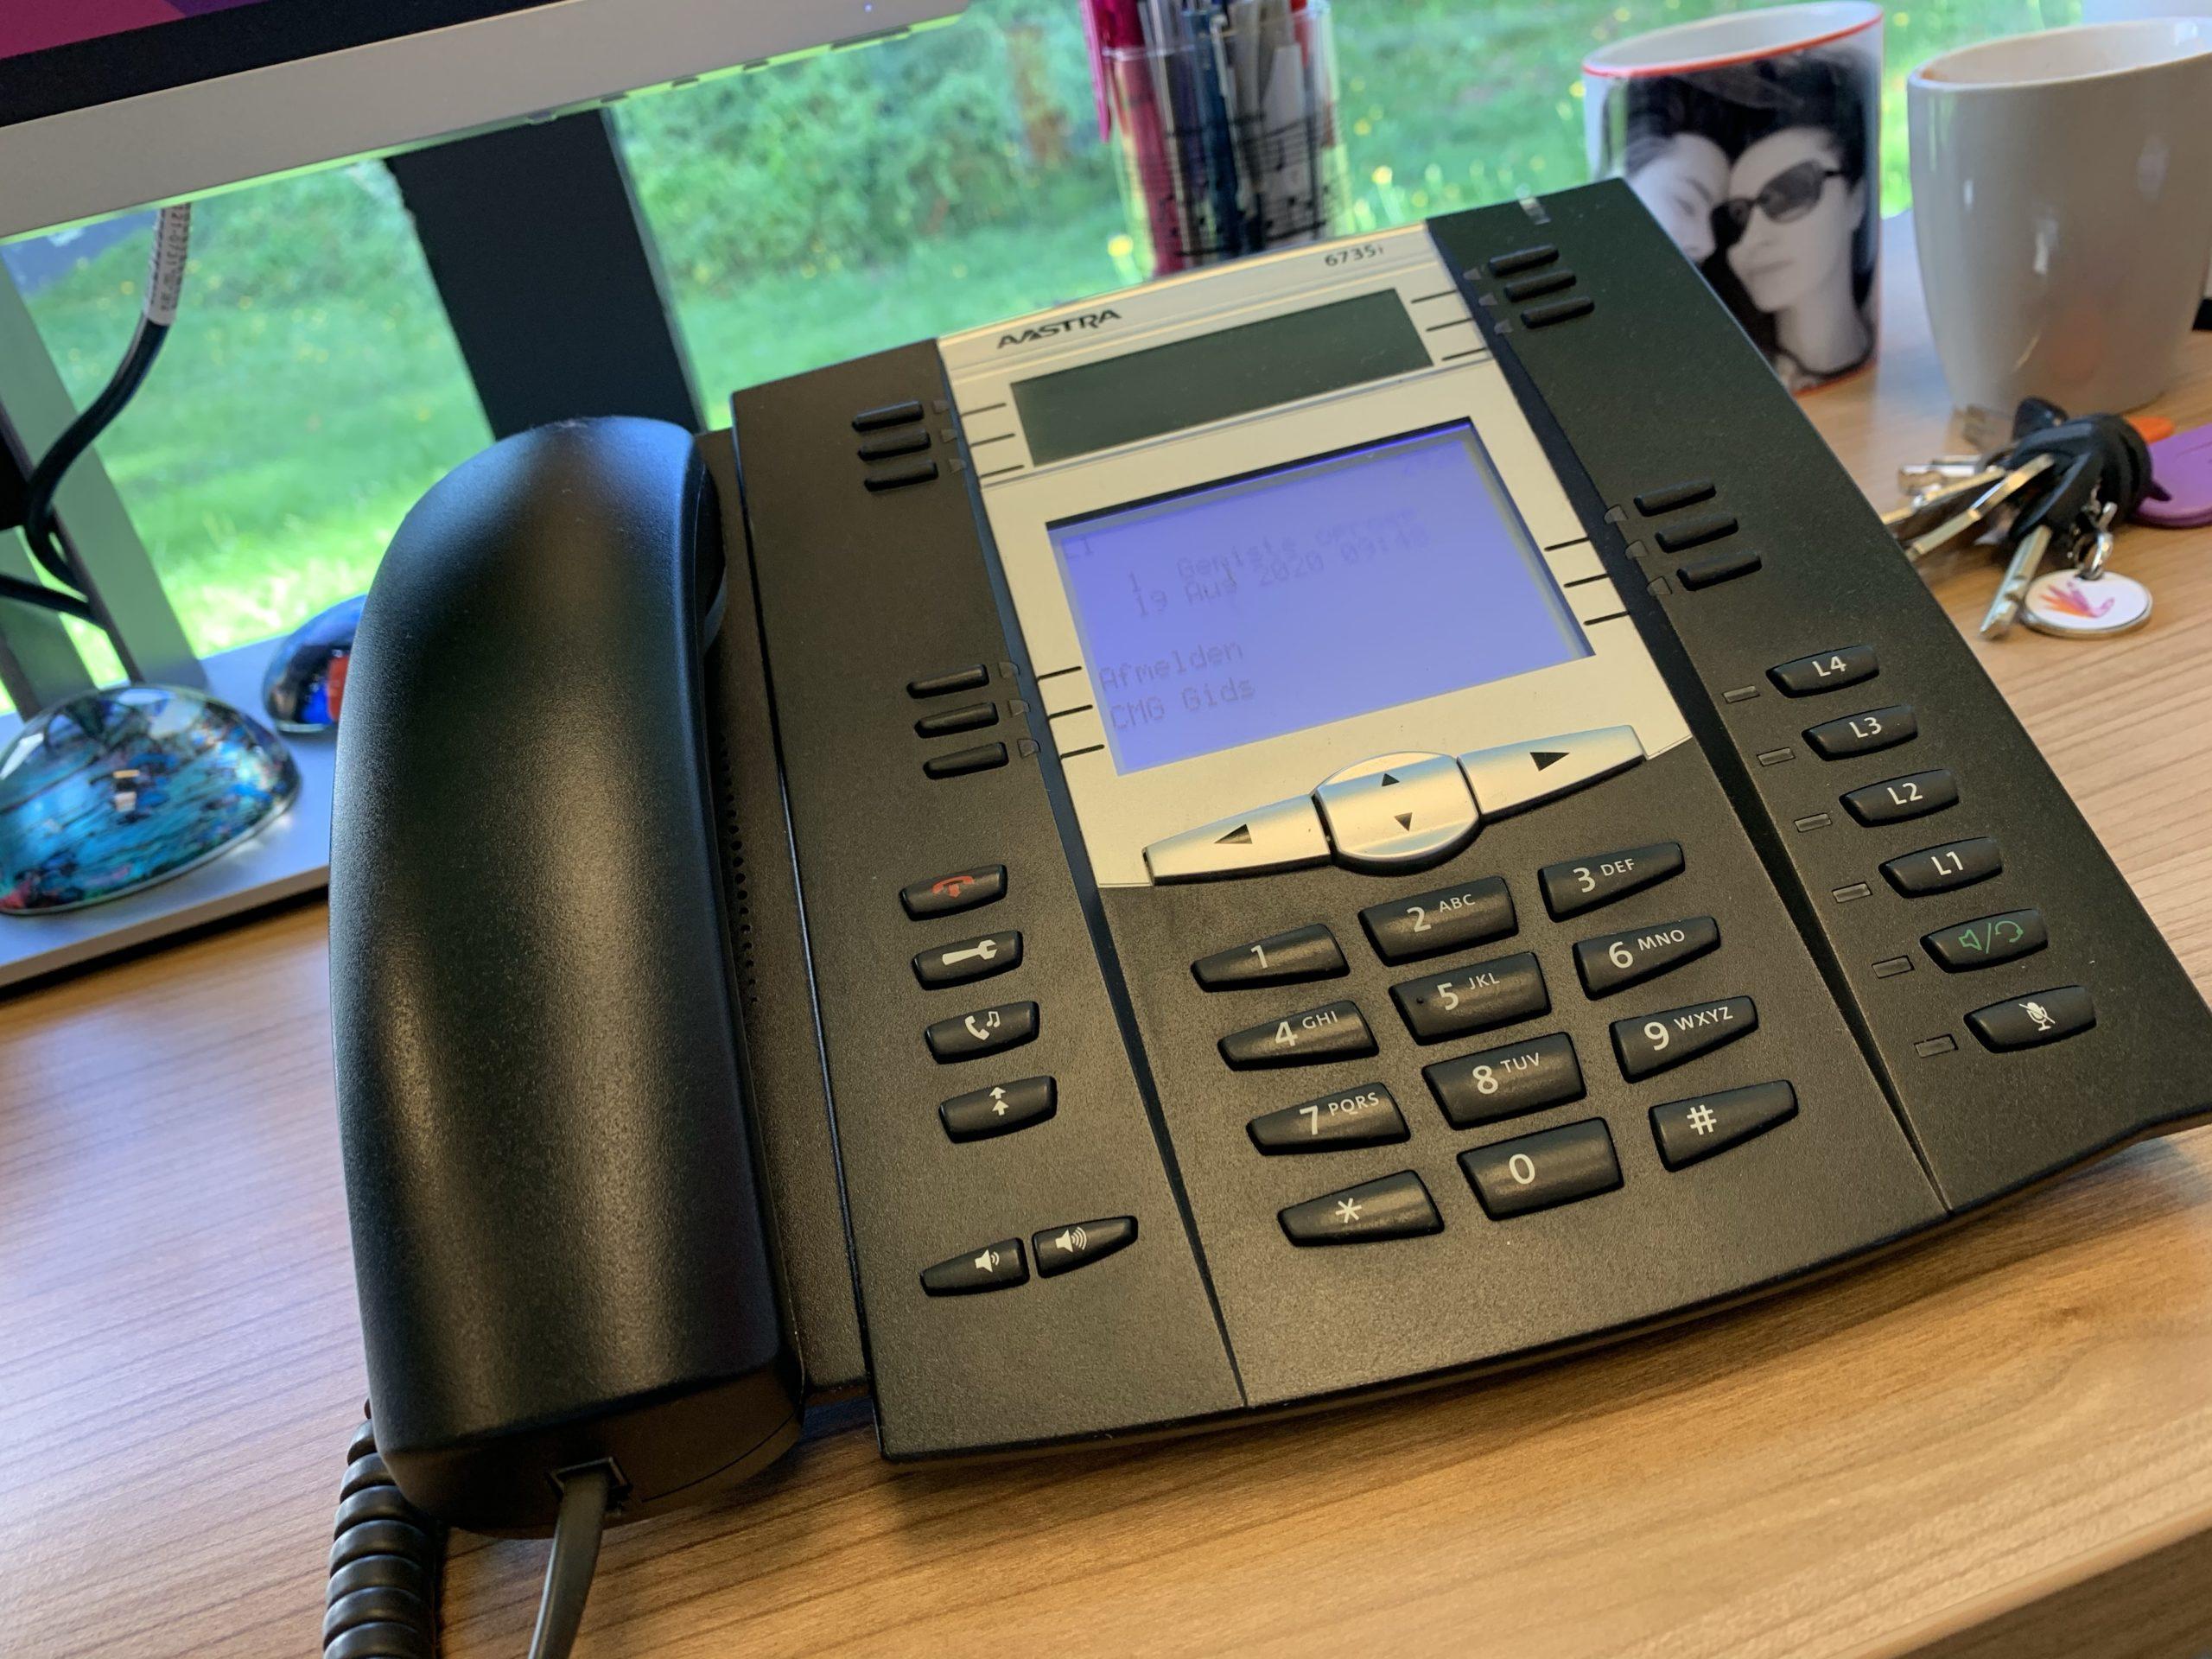 Telefoneren met hoortoestellen